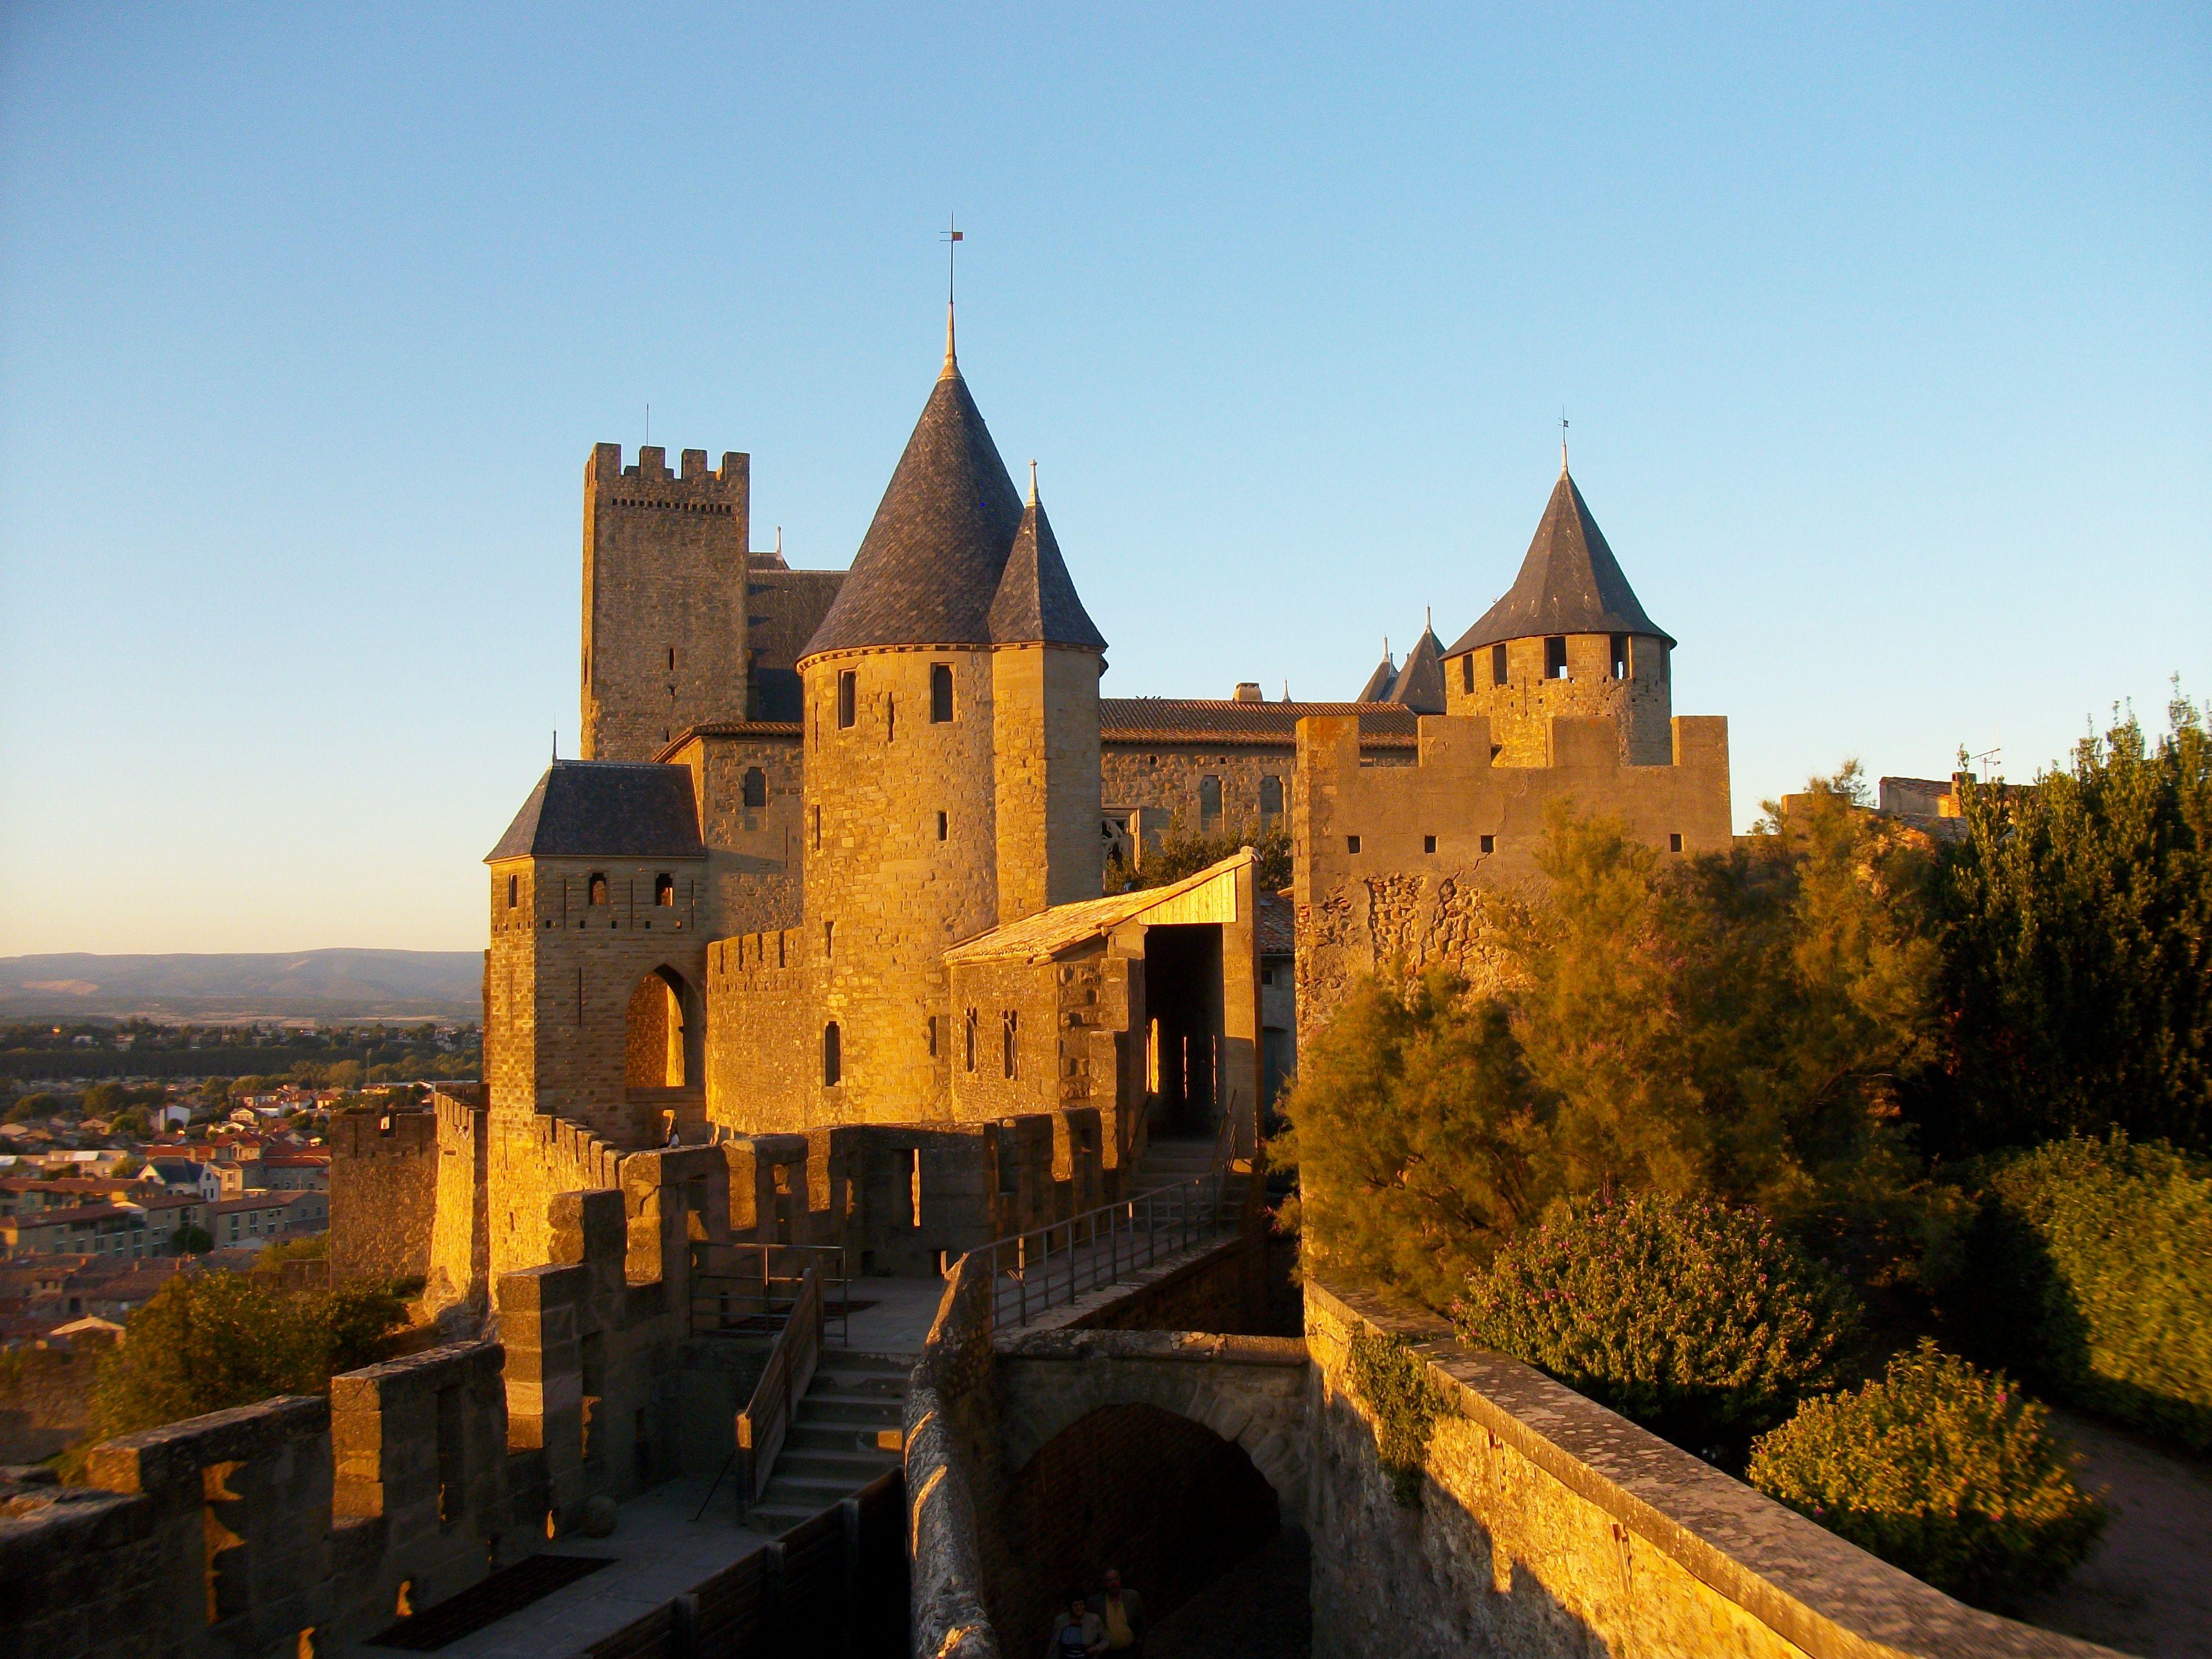 Vue du château comtal de la Cité de Carcassonne depuis la